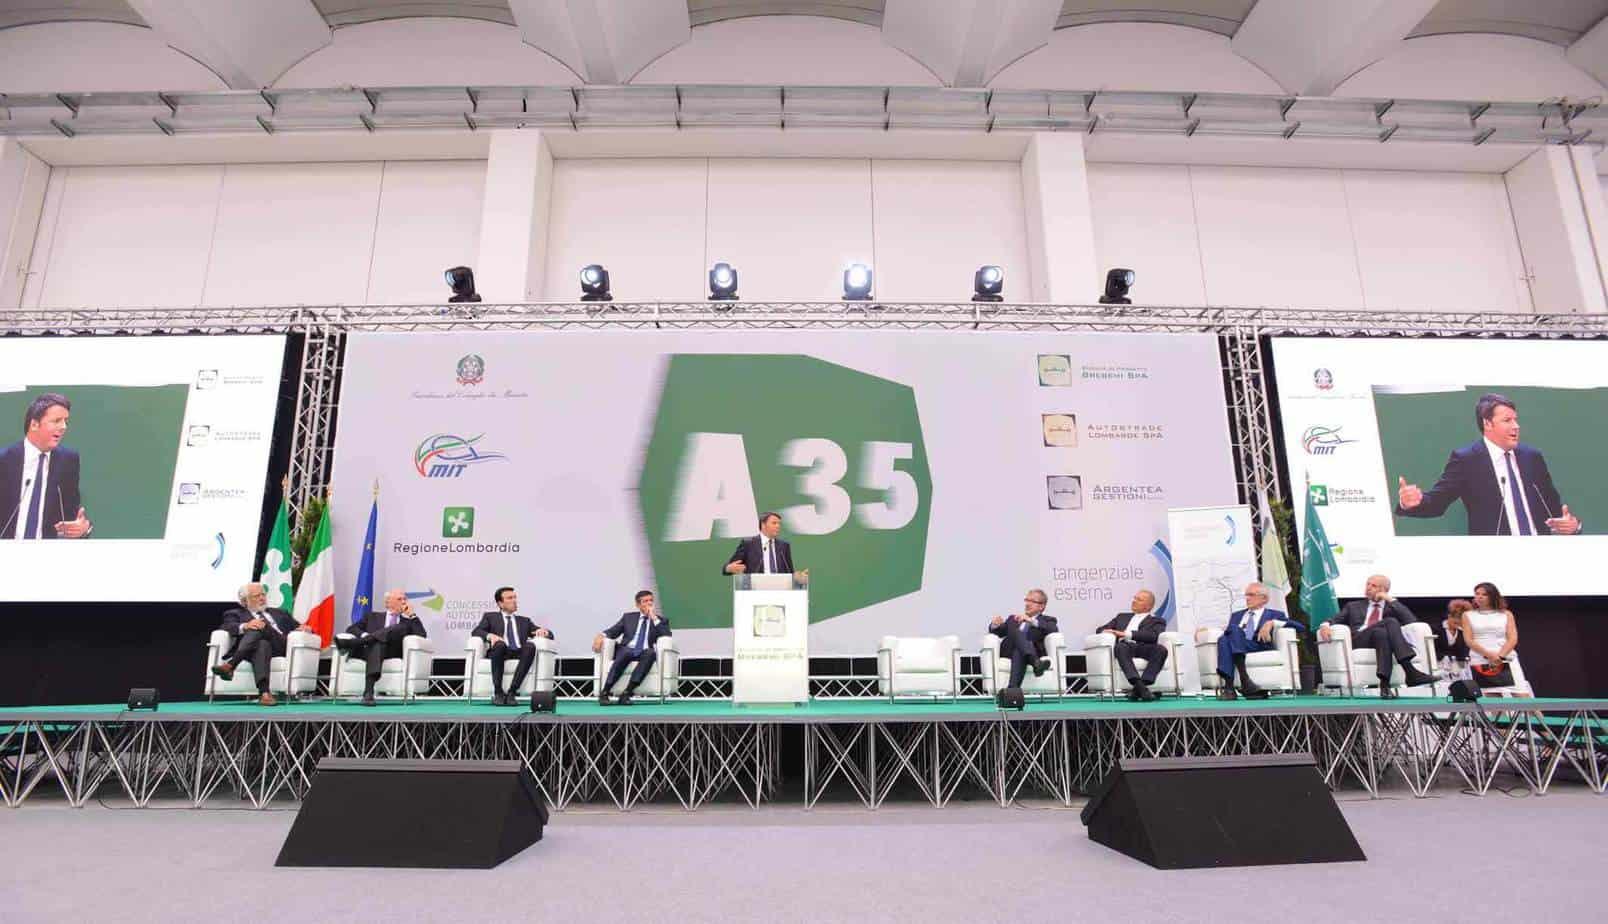 L'intervento del Presidente del Consiglio dei Ministri Renzi sul palco delle Autorità